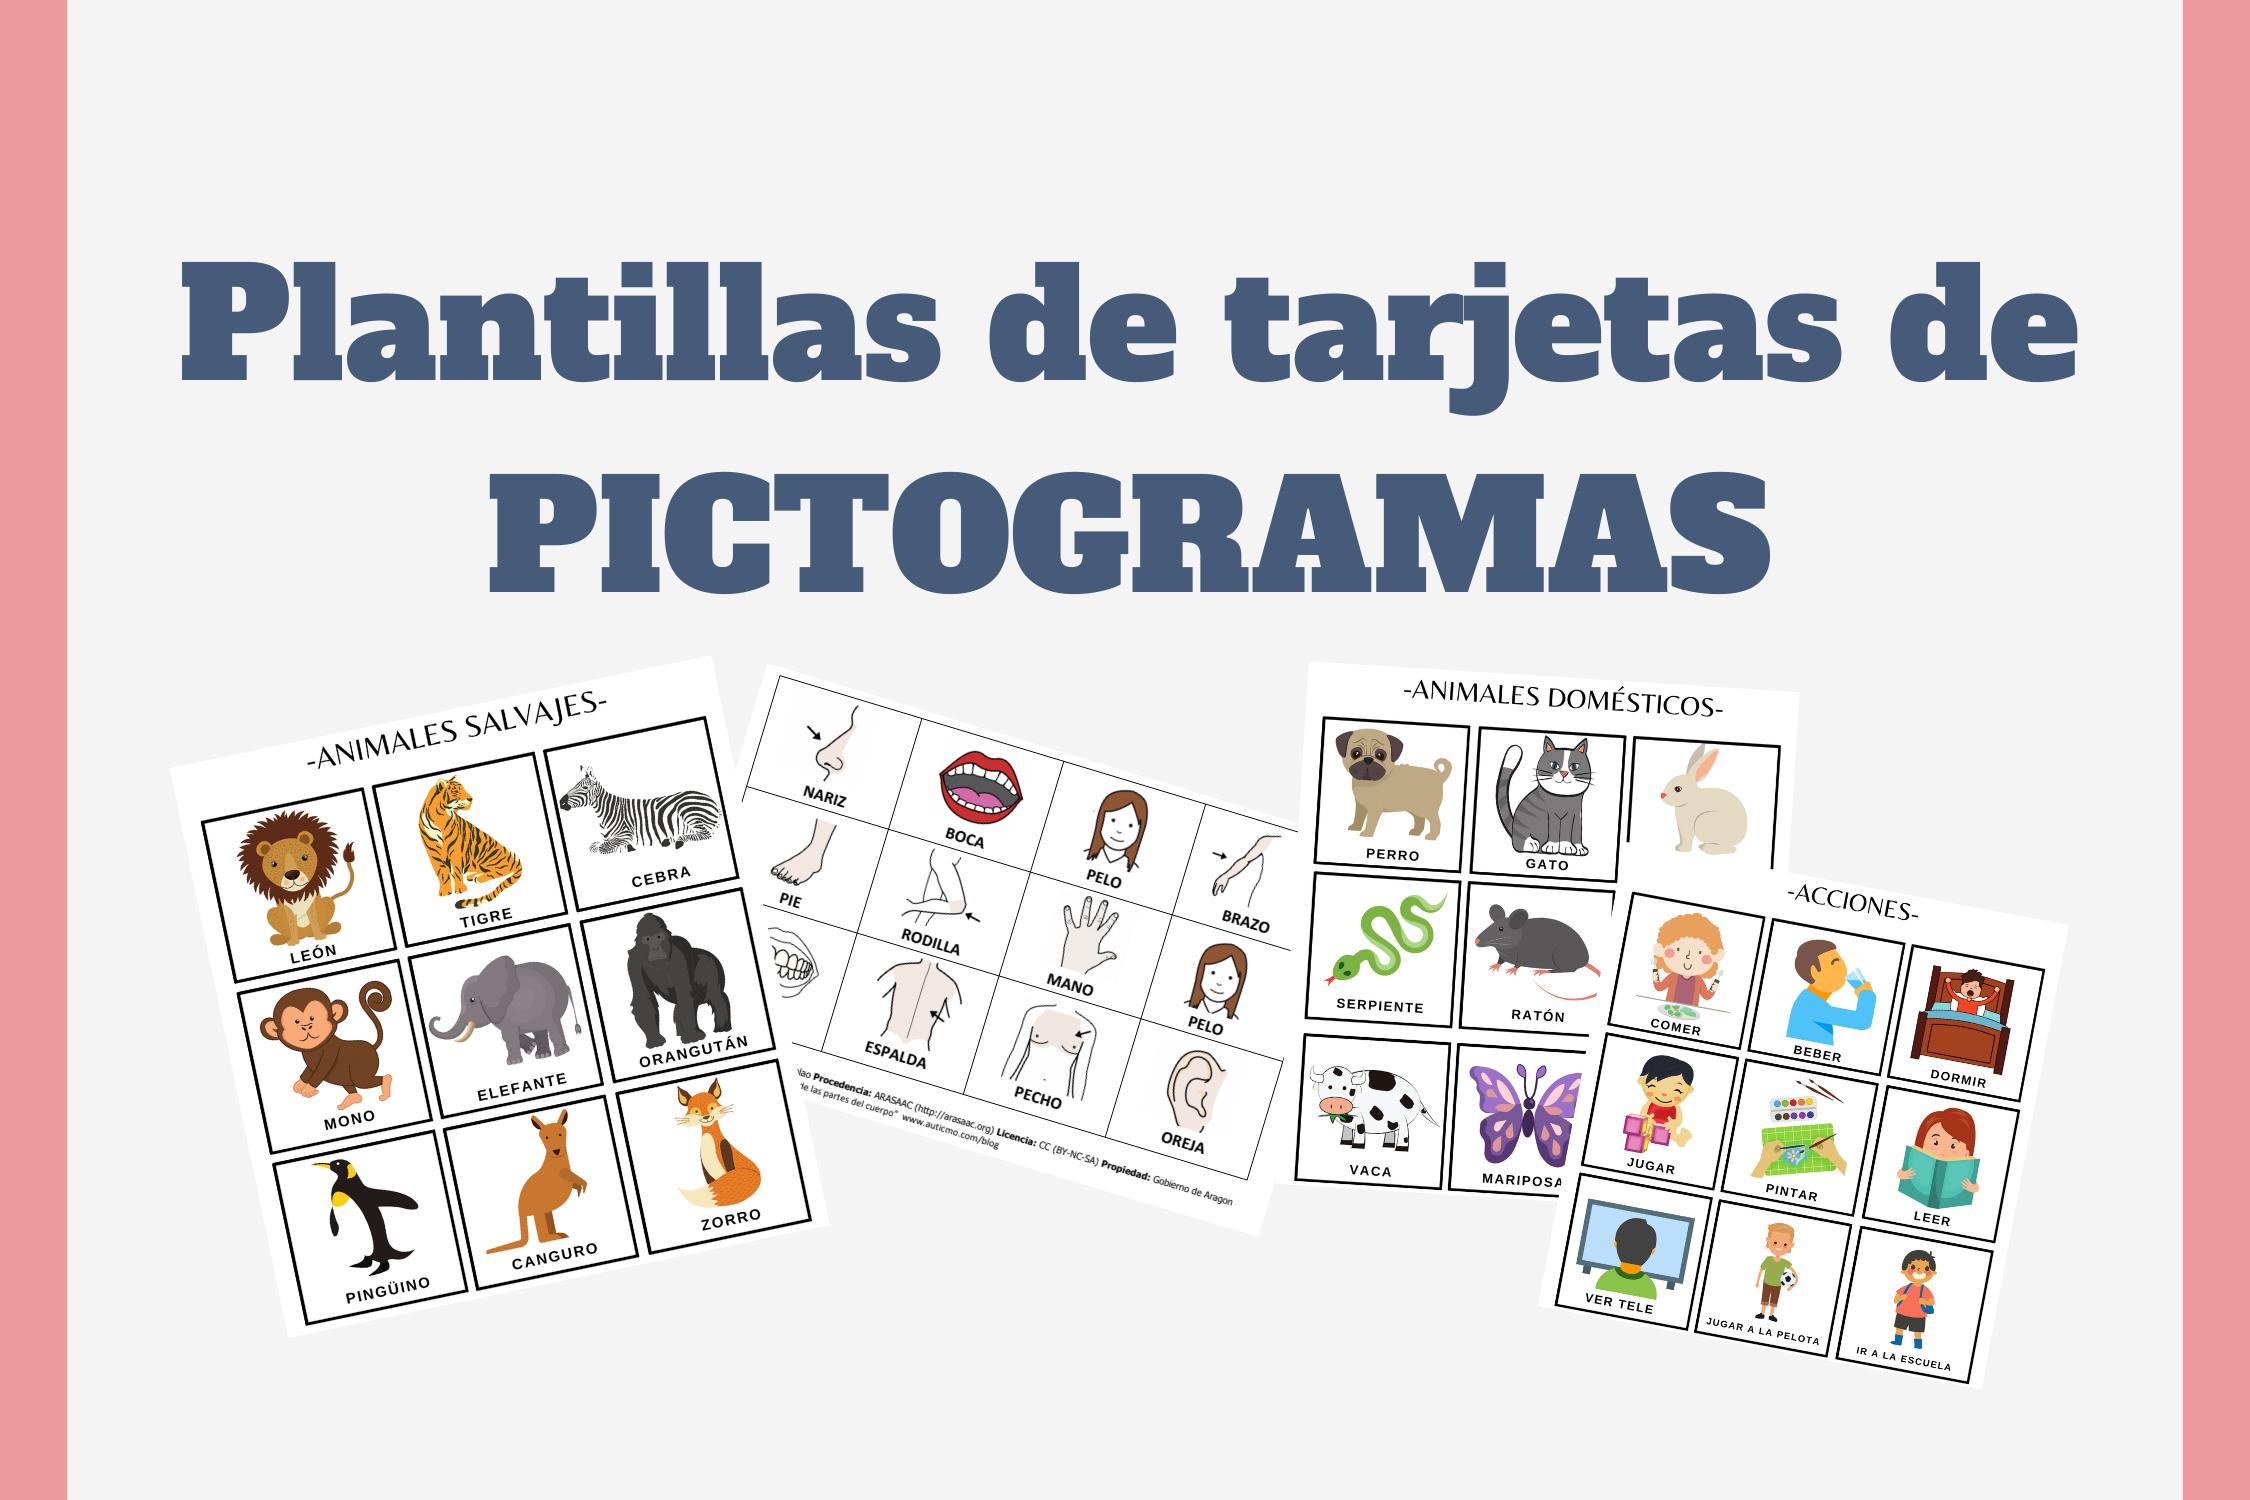 pictogramas, plantillas de pictogramas, actividades con pictogramas, pictogramas autismo, crear pictogramas, como usar pictogramas, niños autistas, actividades para niños con autismo, recursos TEA, recursos autismo, auticmo